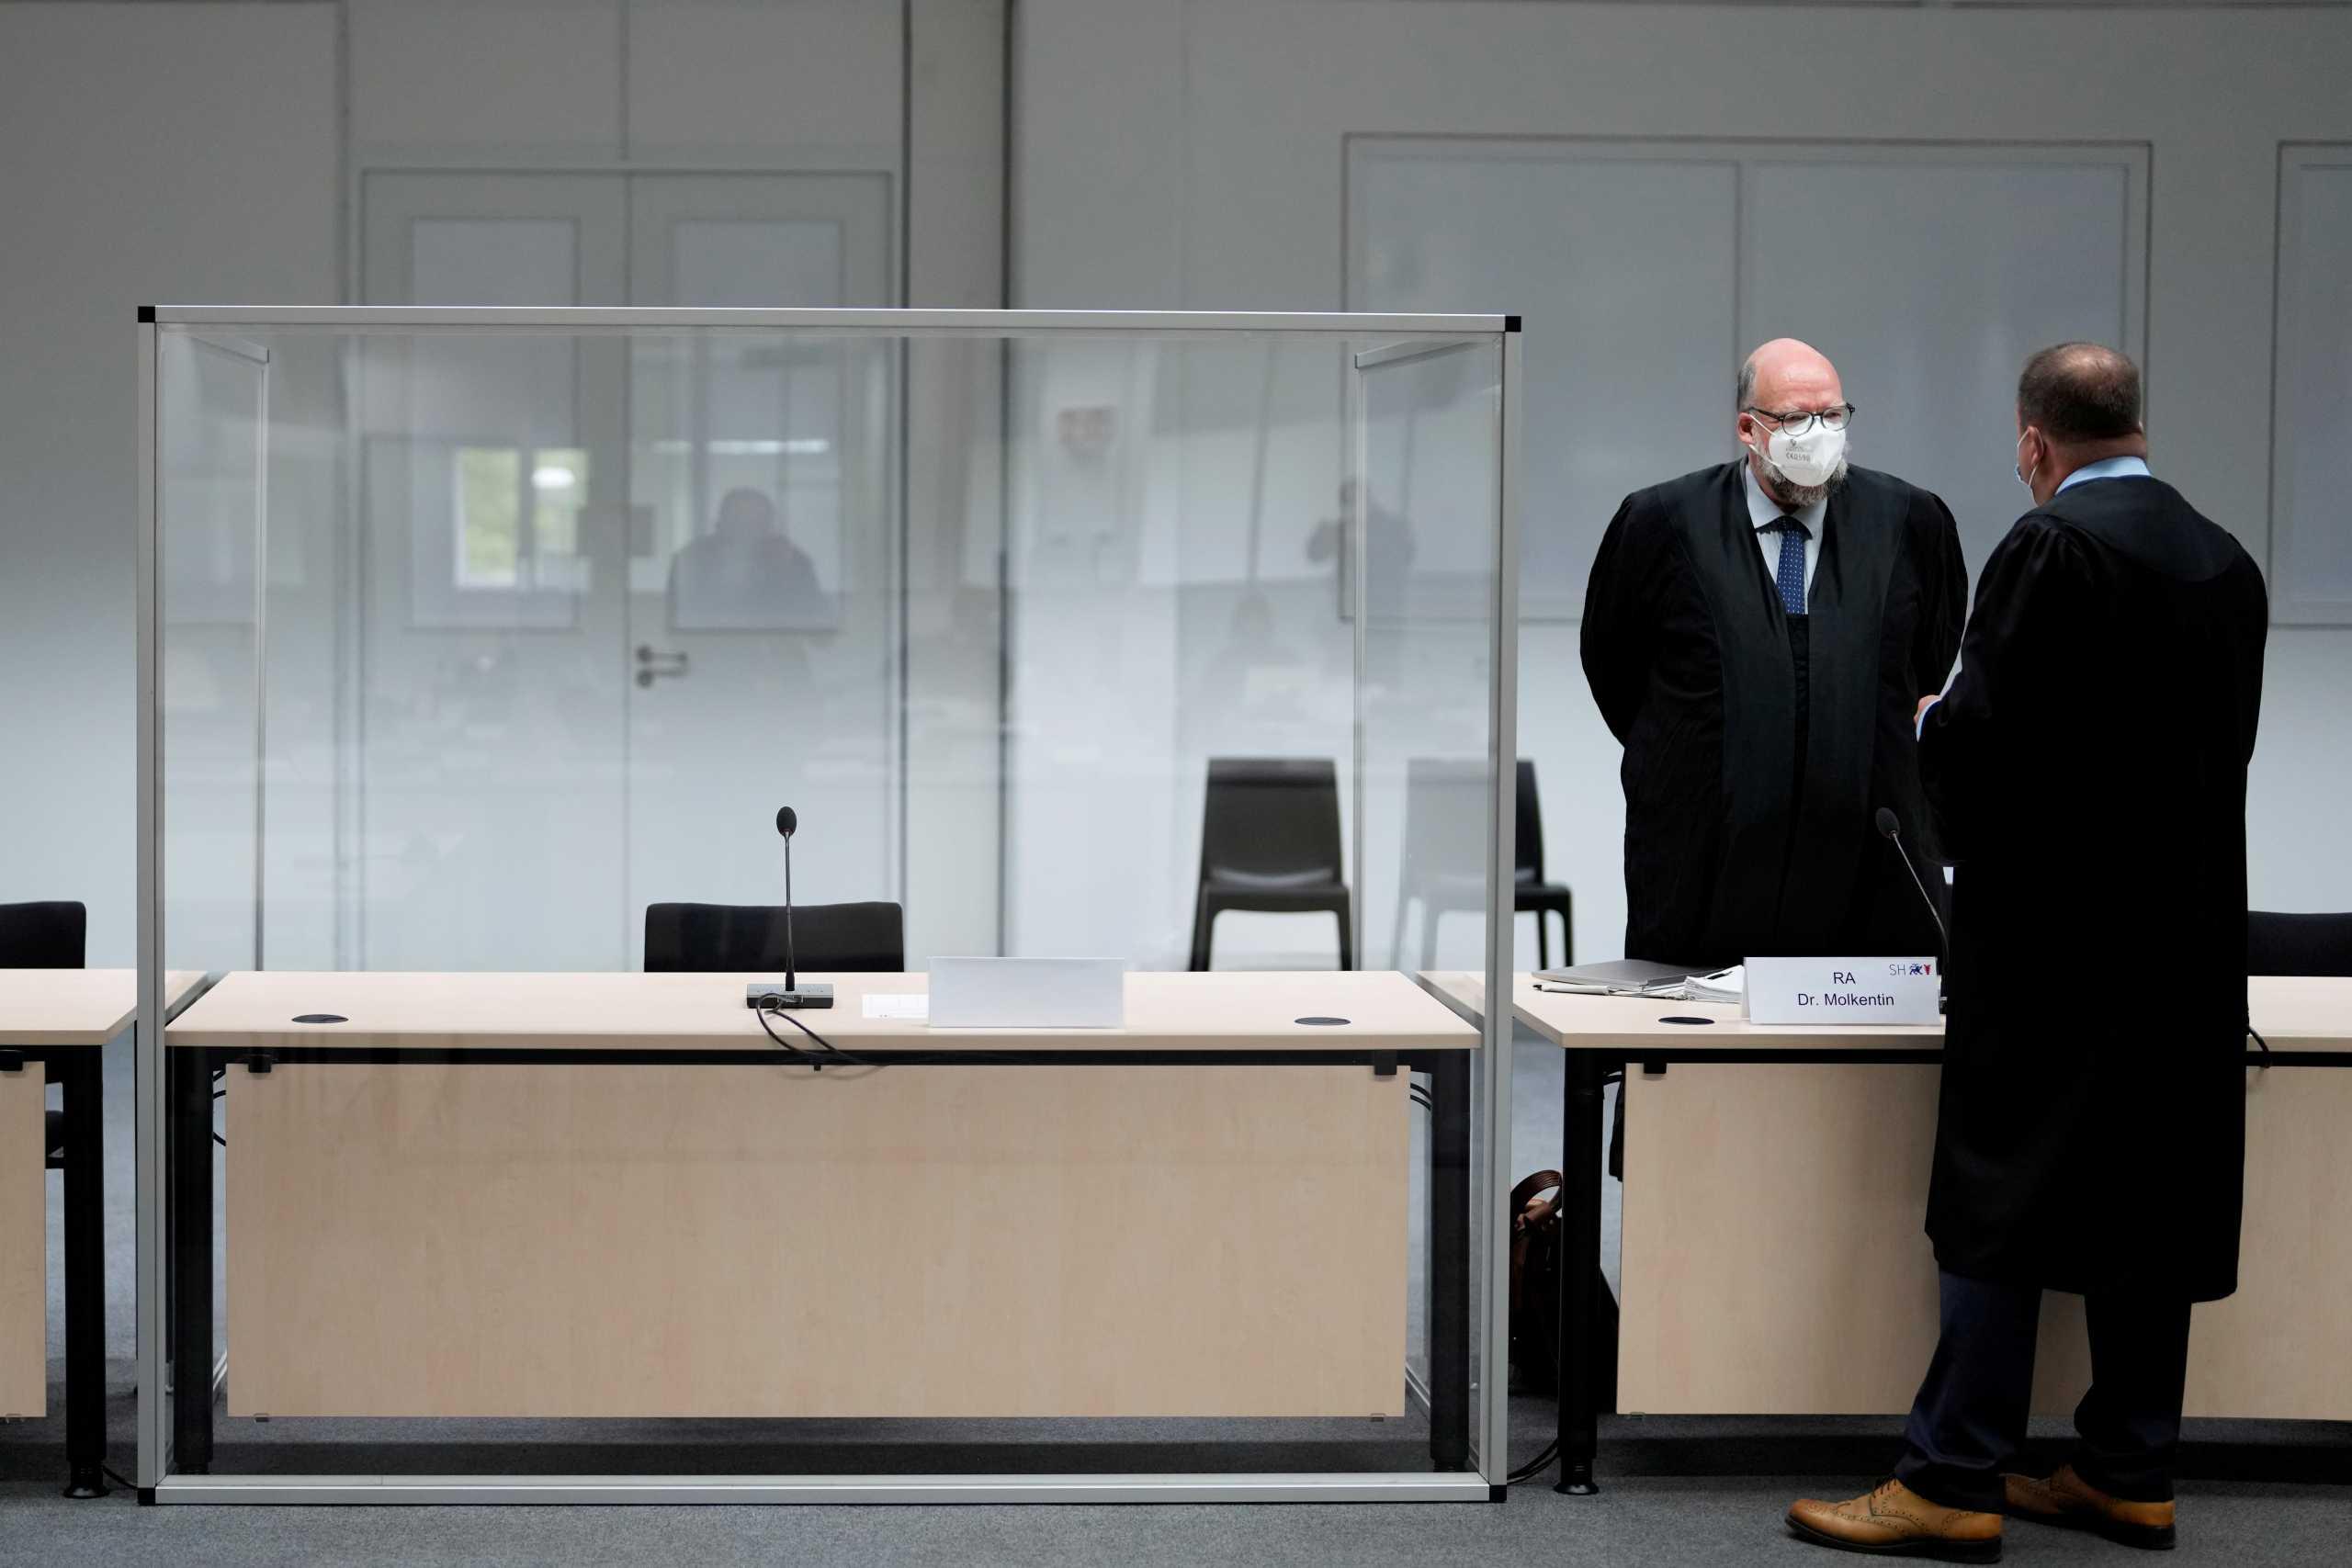 Γερμανία: Βρέθηκε και θα δικαστεί η 96χρονη πρώην γραμματέας σε στρατόπεδο συγκέντρωσης των ναζί